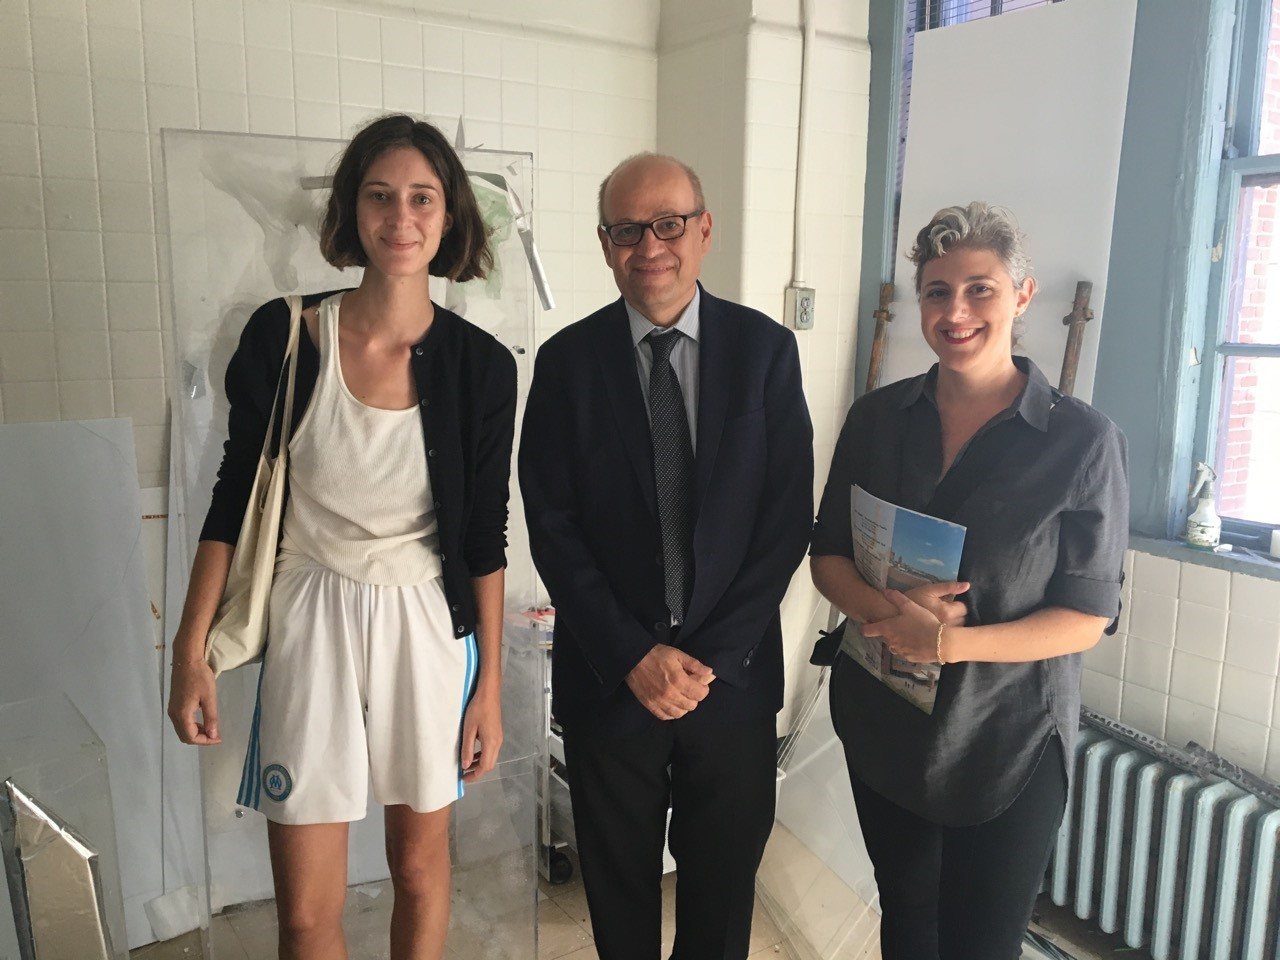 Op de foto van links naar rechts: Coco Young, kunstenaar, Tom Finkelpearl, wethouder cultuur, en Shirley Levy.